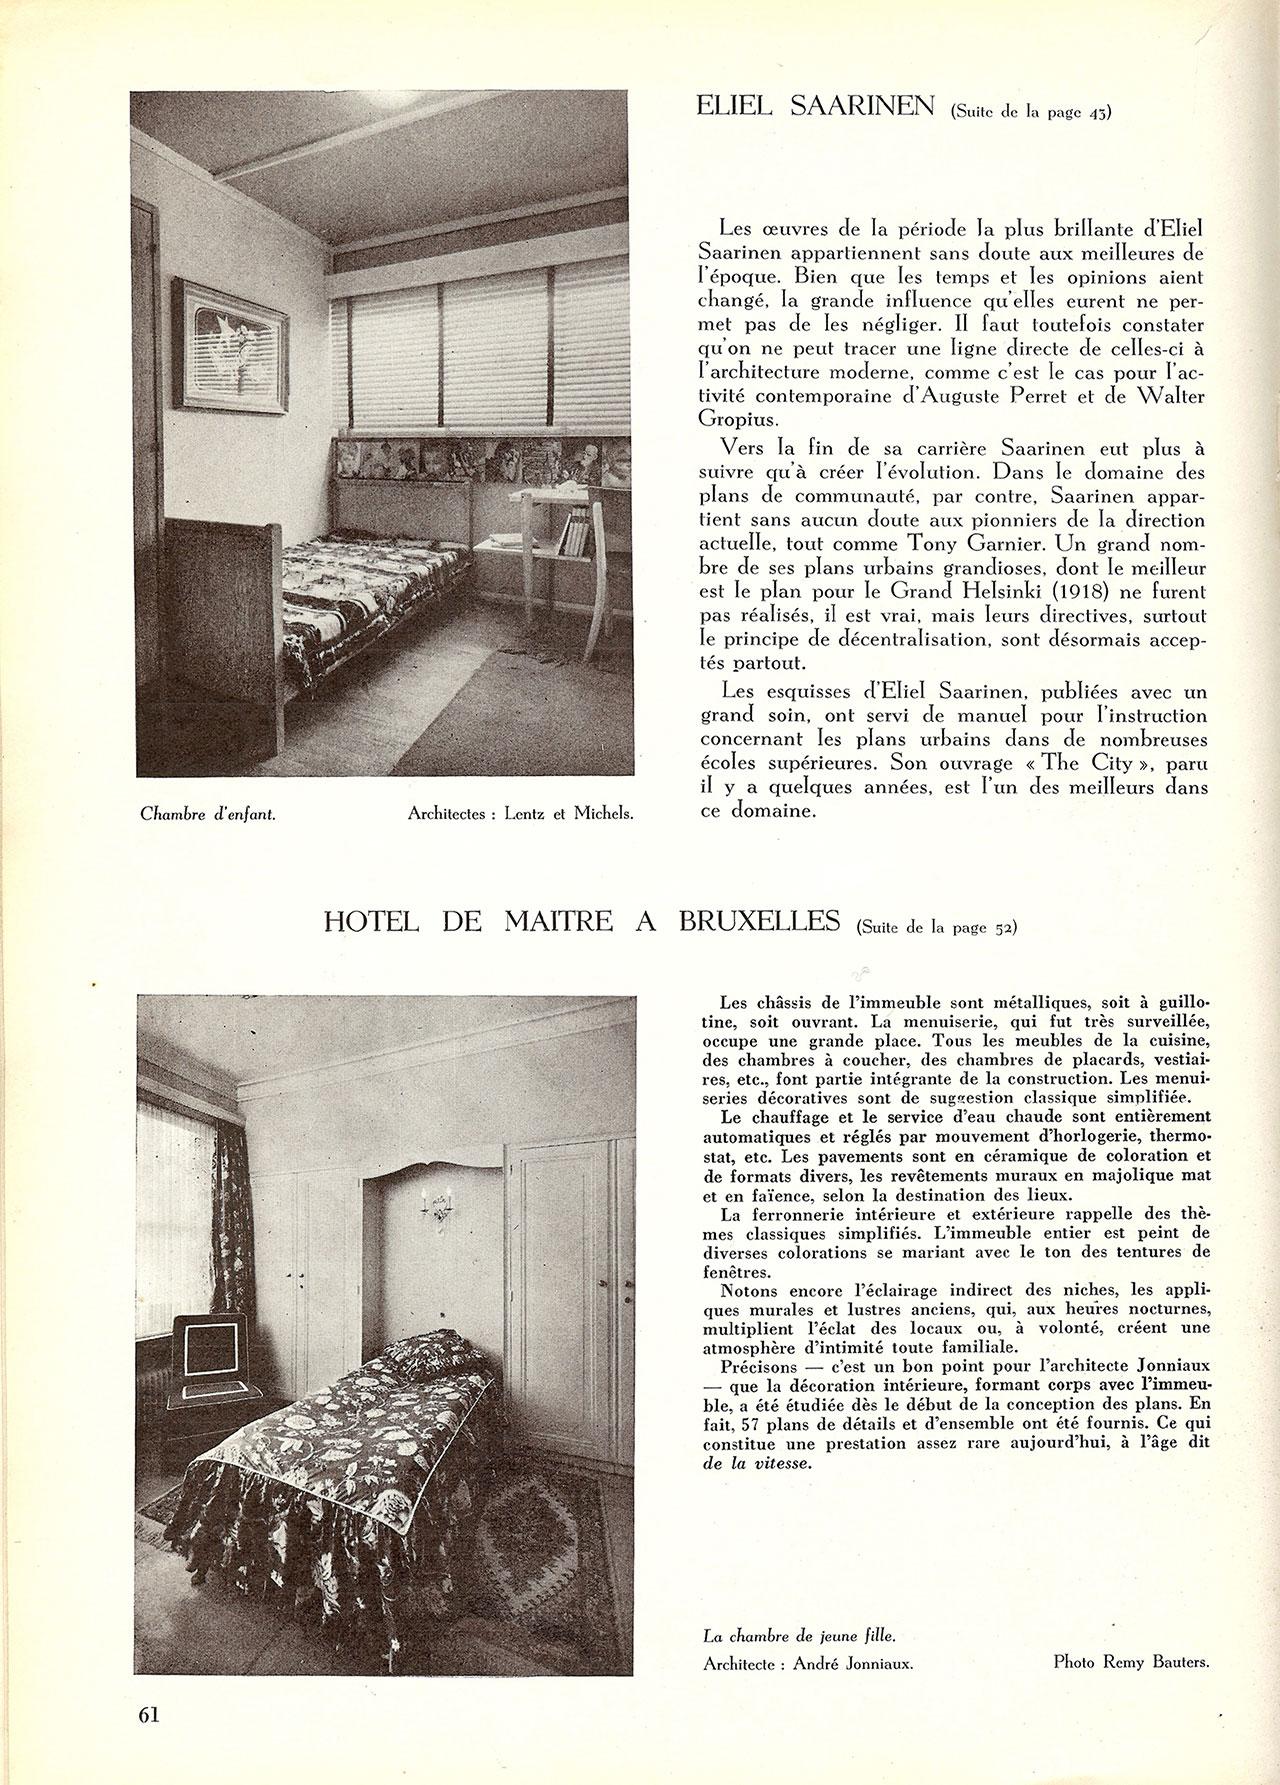 Petit hôtel de maître à Bruxelles